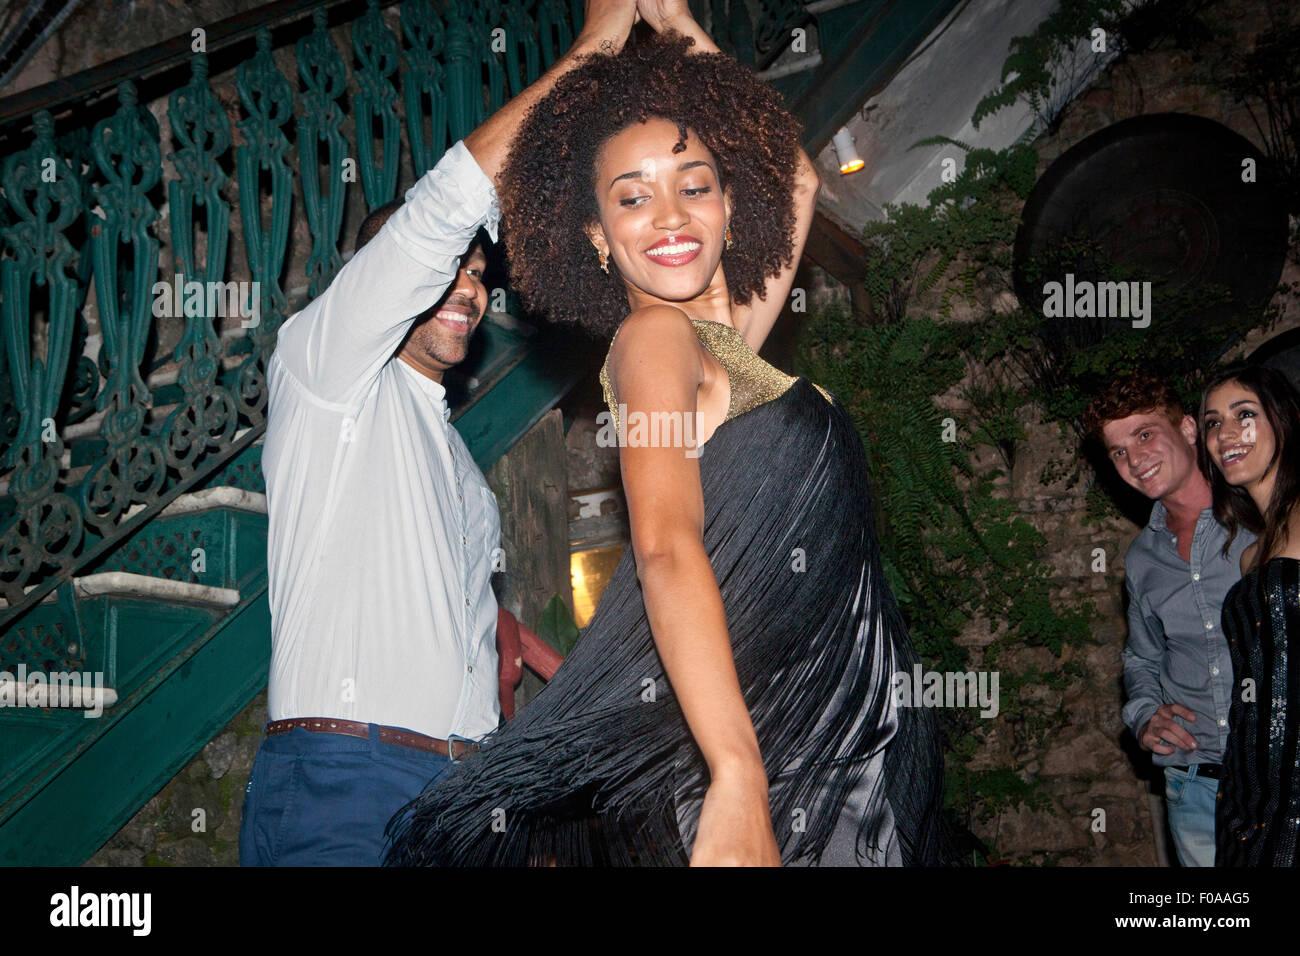 Couple dancing en plein air, à la recherche d'amis sur Photo Stock